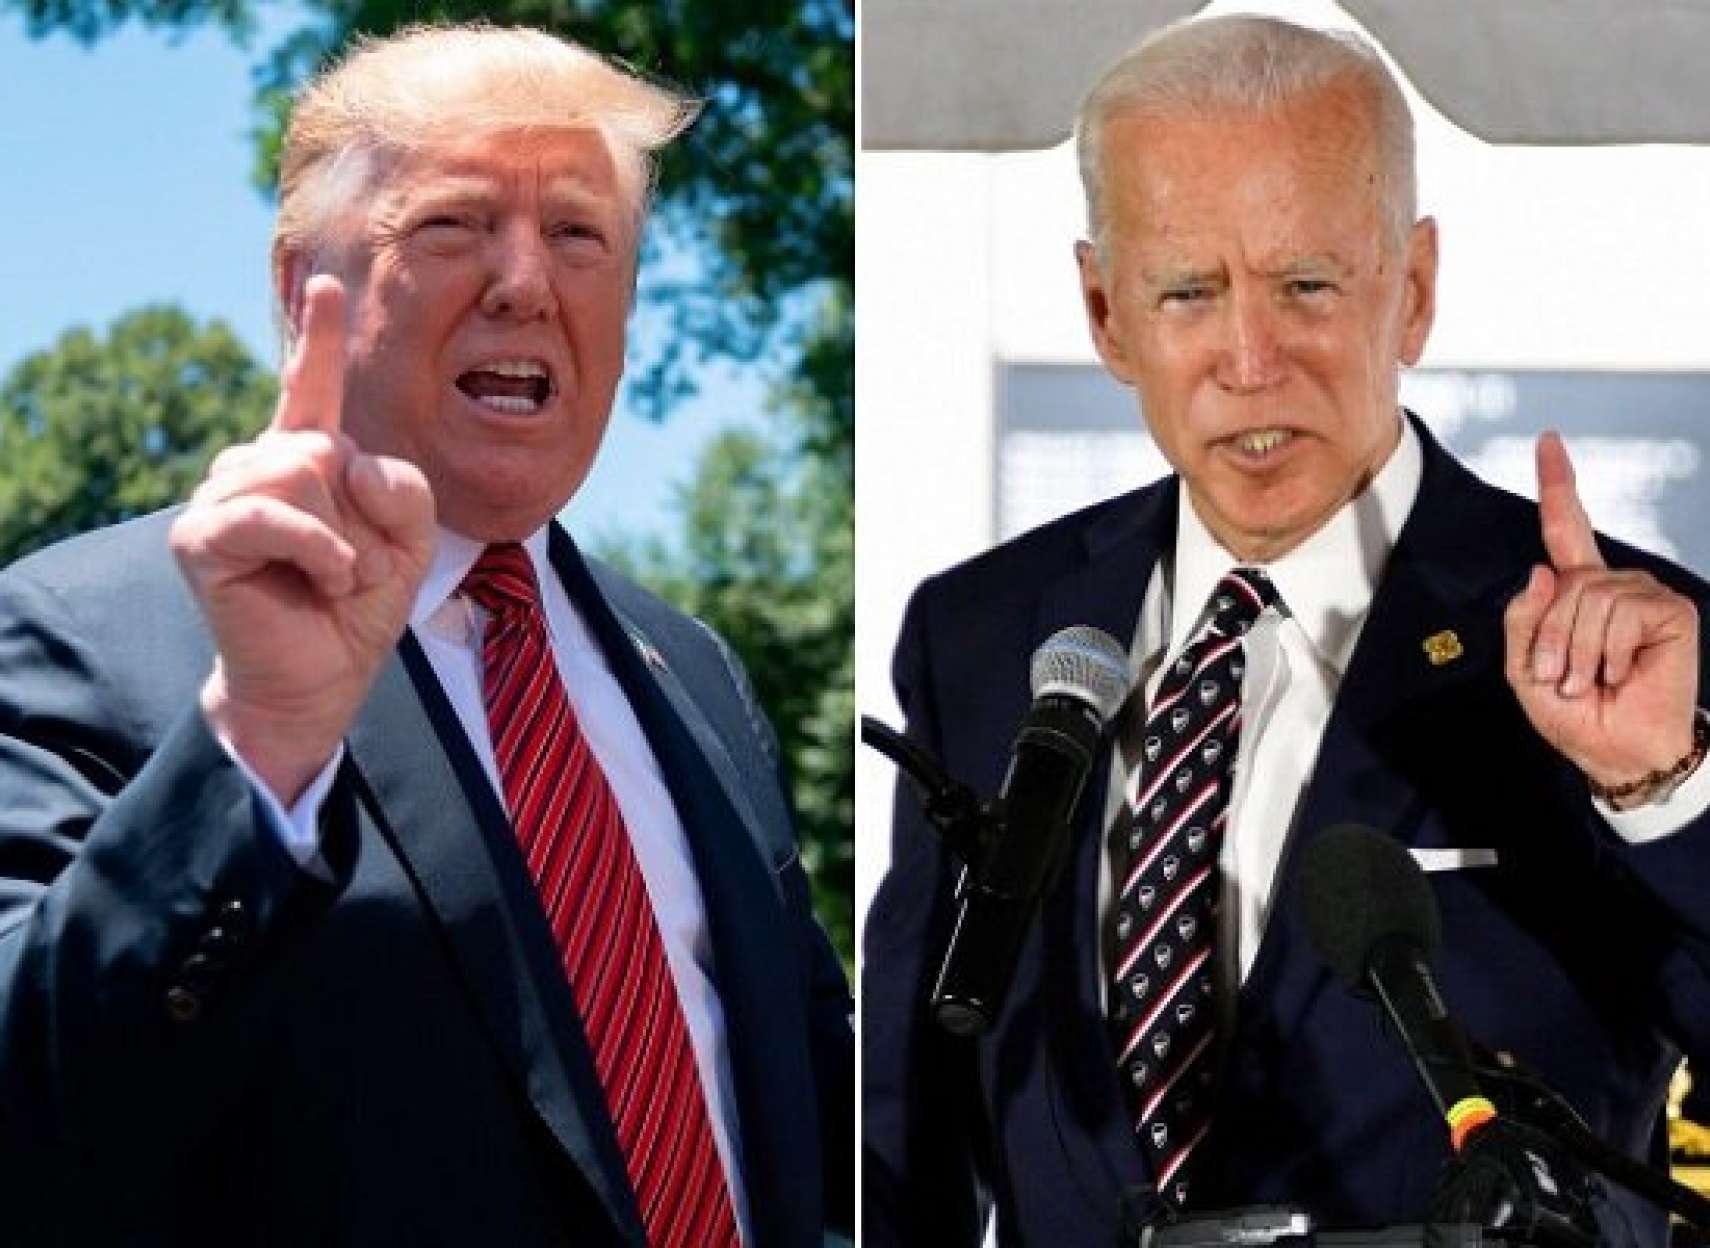 ده-دلیل-برای-پیروزی-جو-بایدن-و-شکست- دونالد-ترامپ-به-روایت-ایران-استار